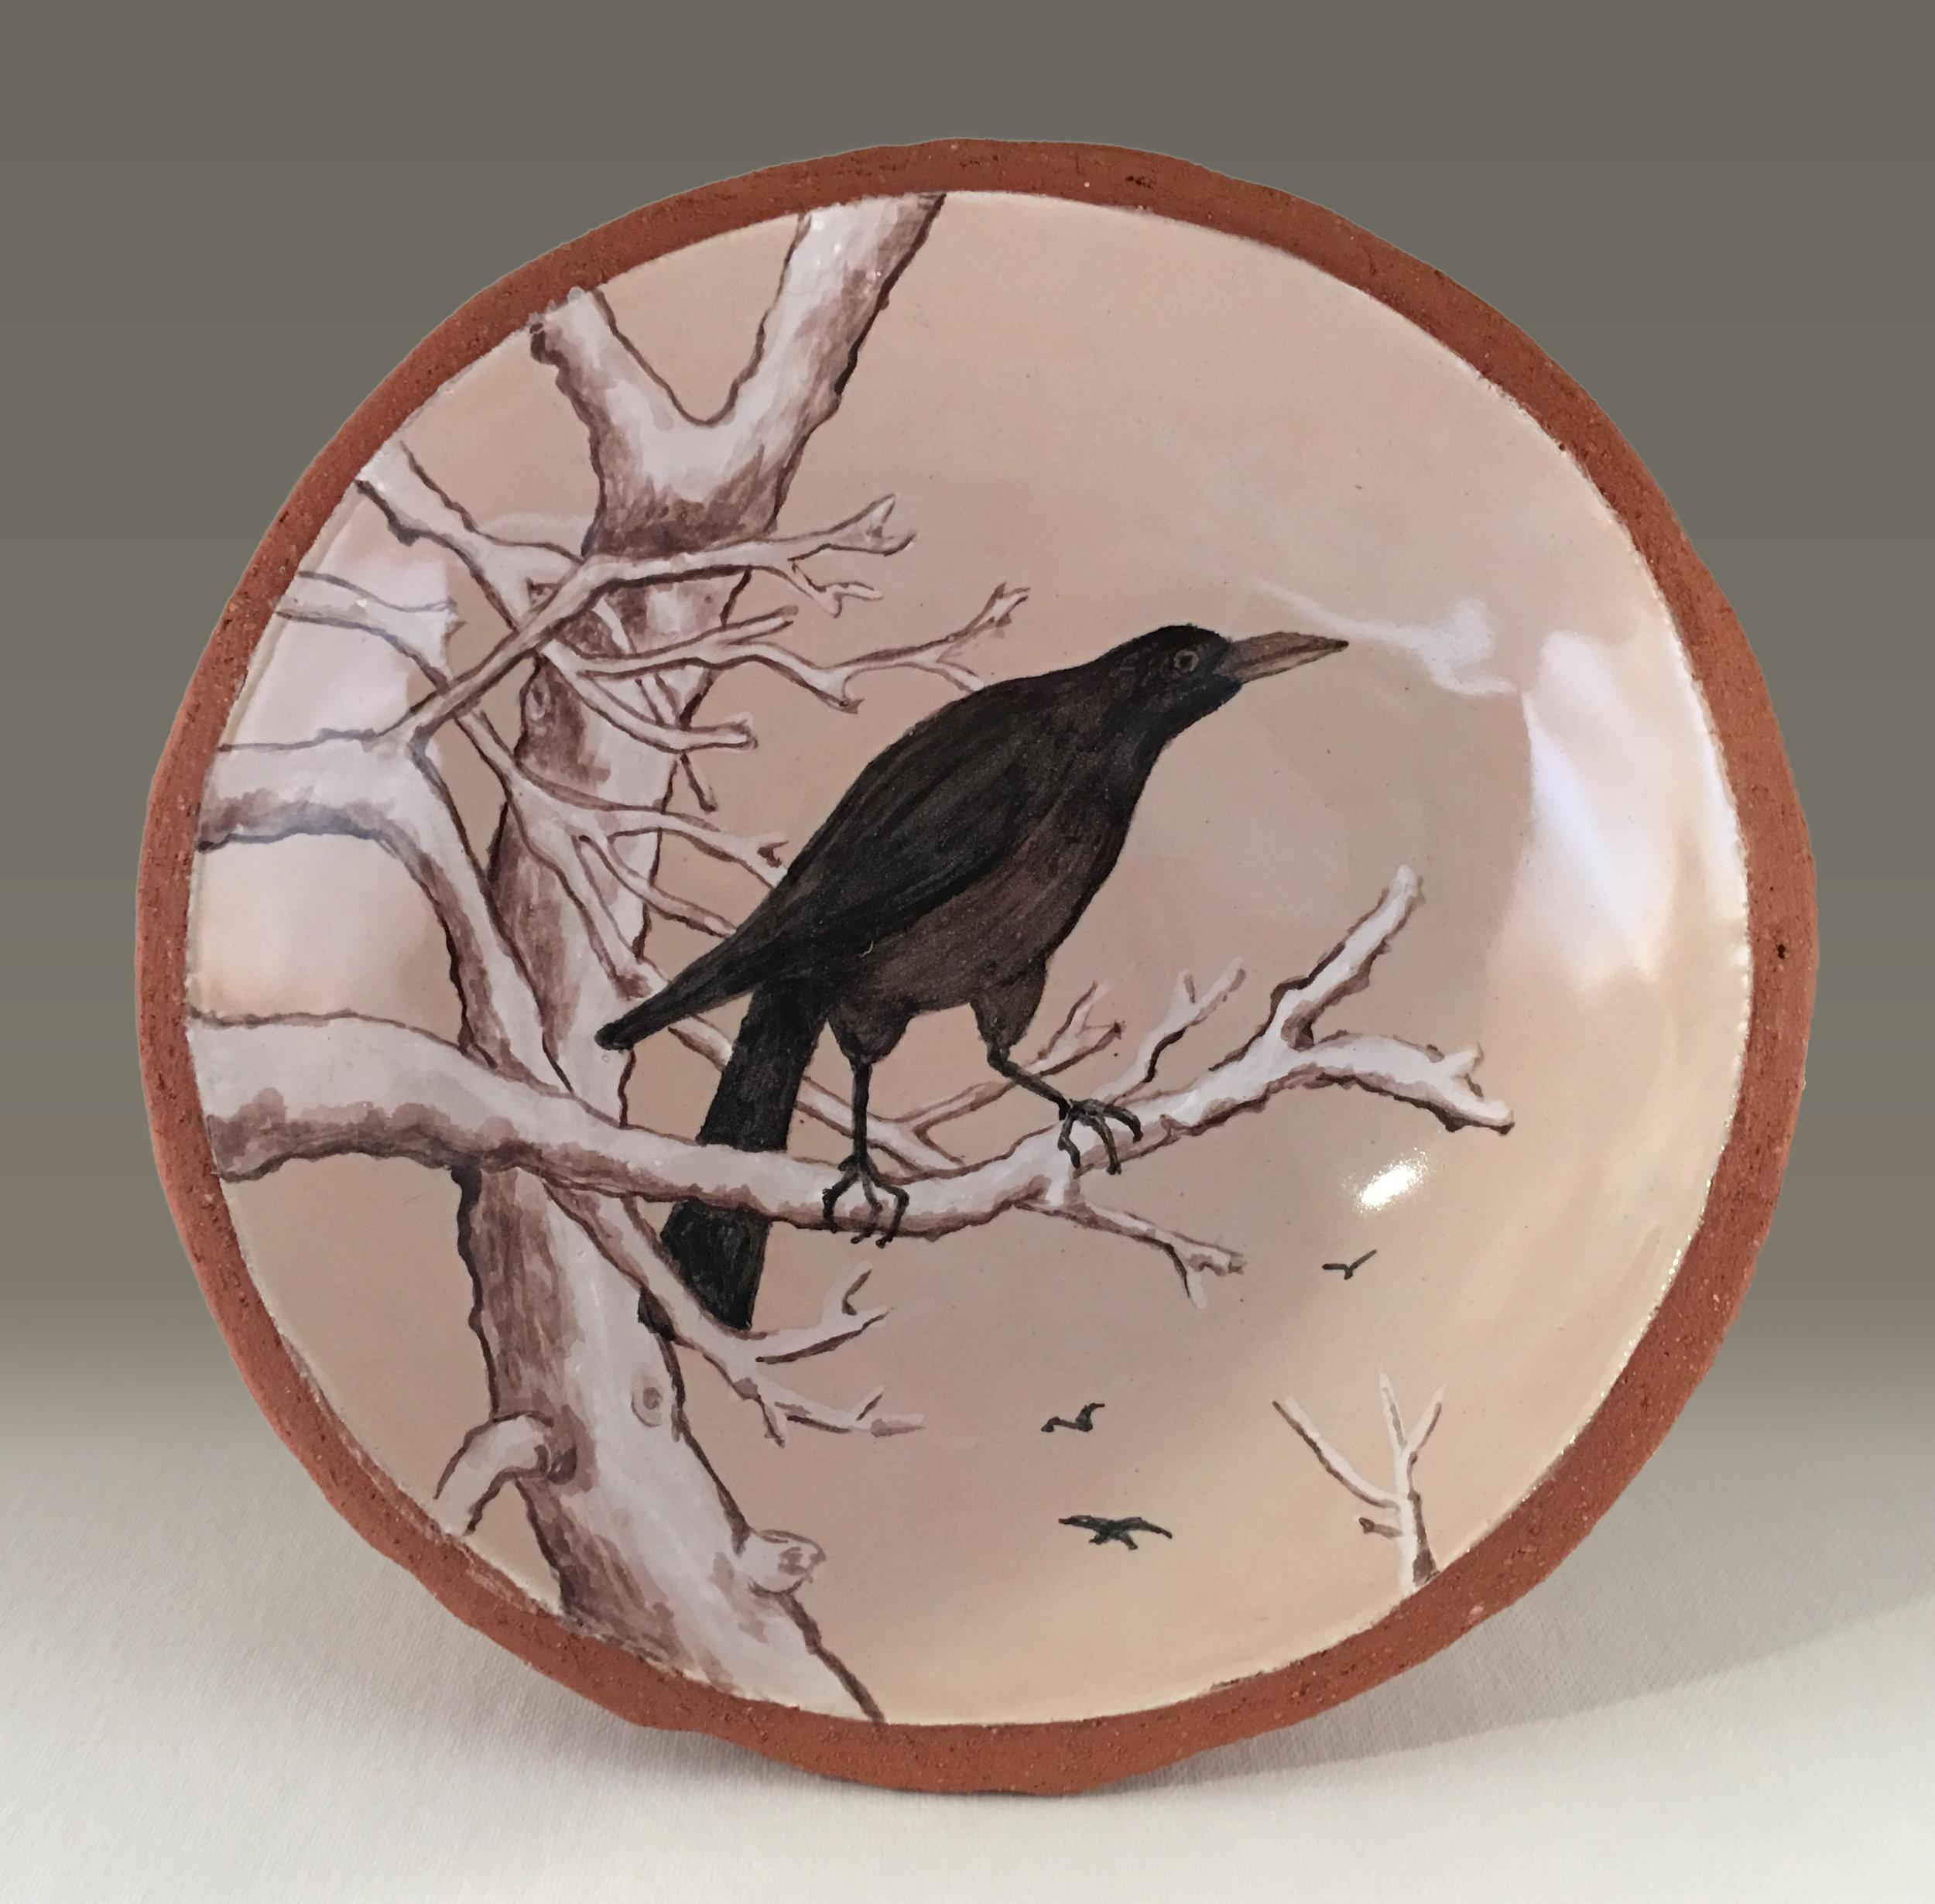 Marina_Smelik_Plate with a Bird.jpg